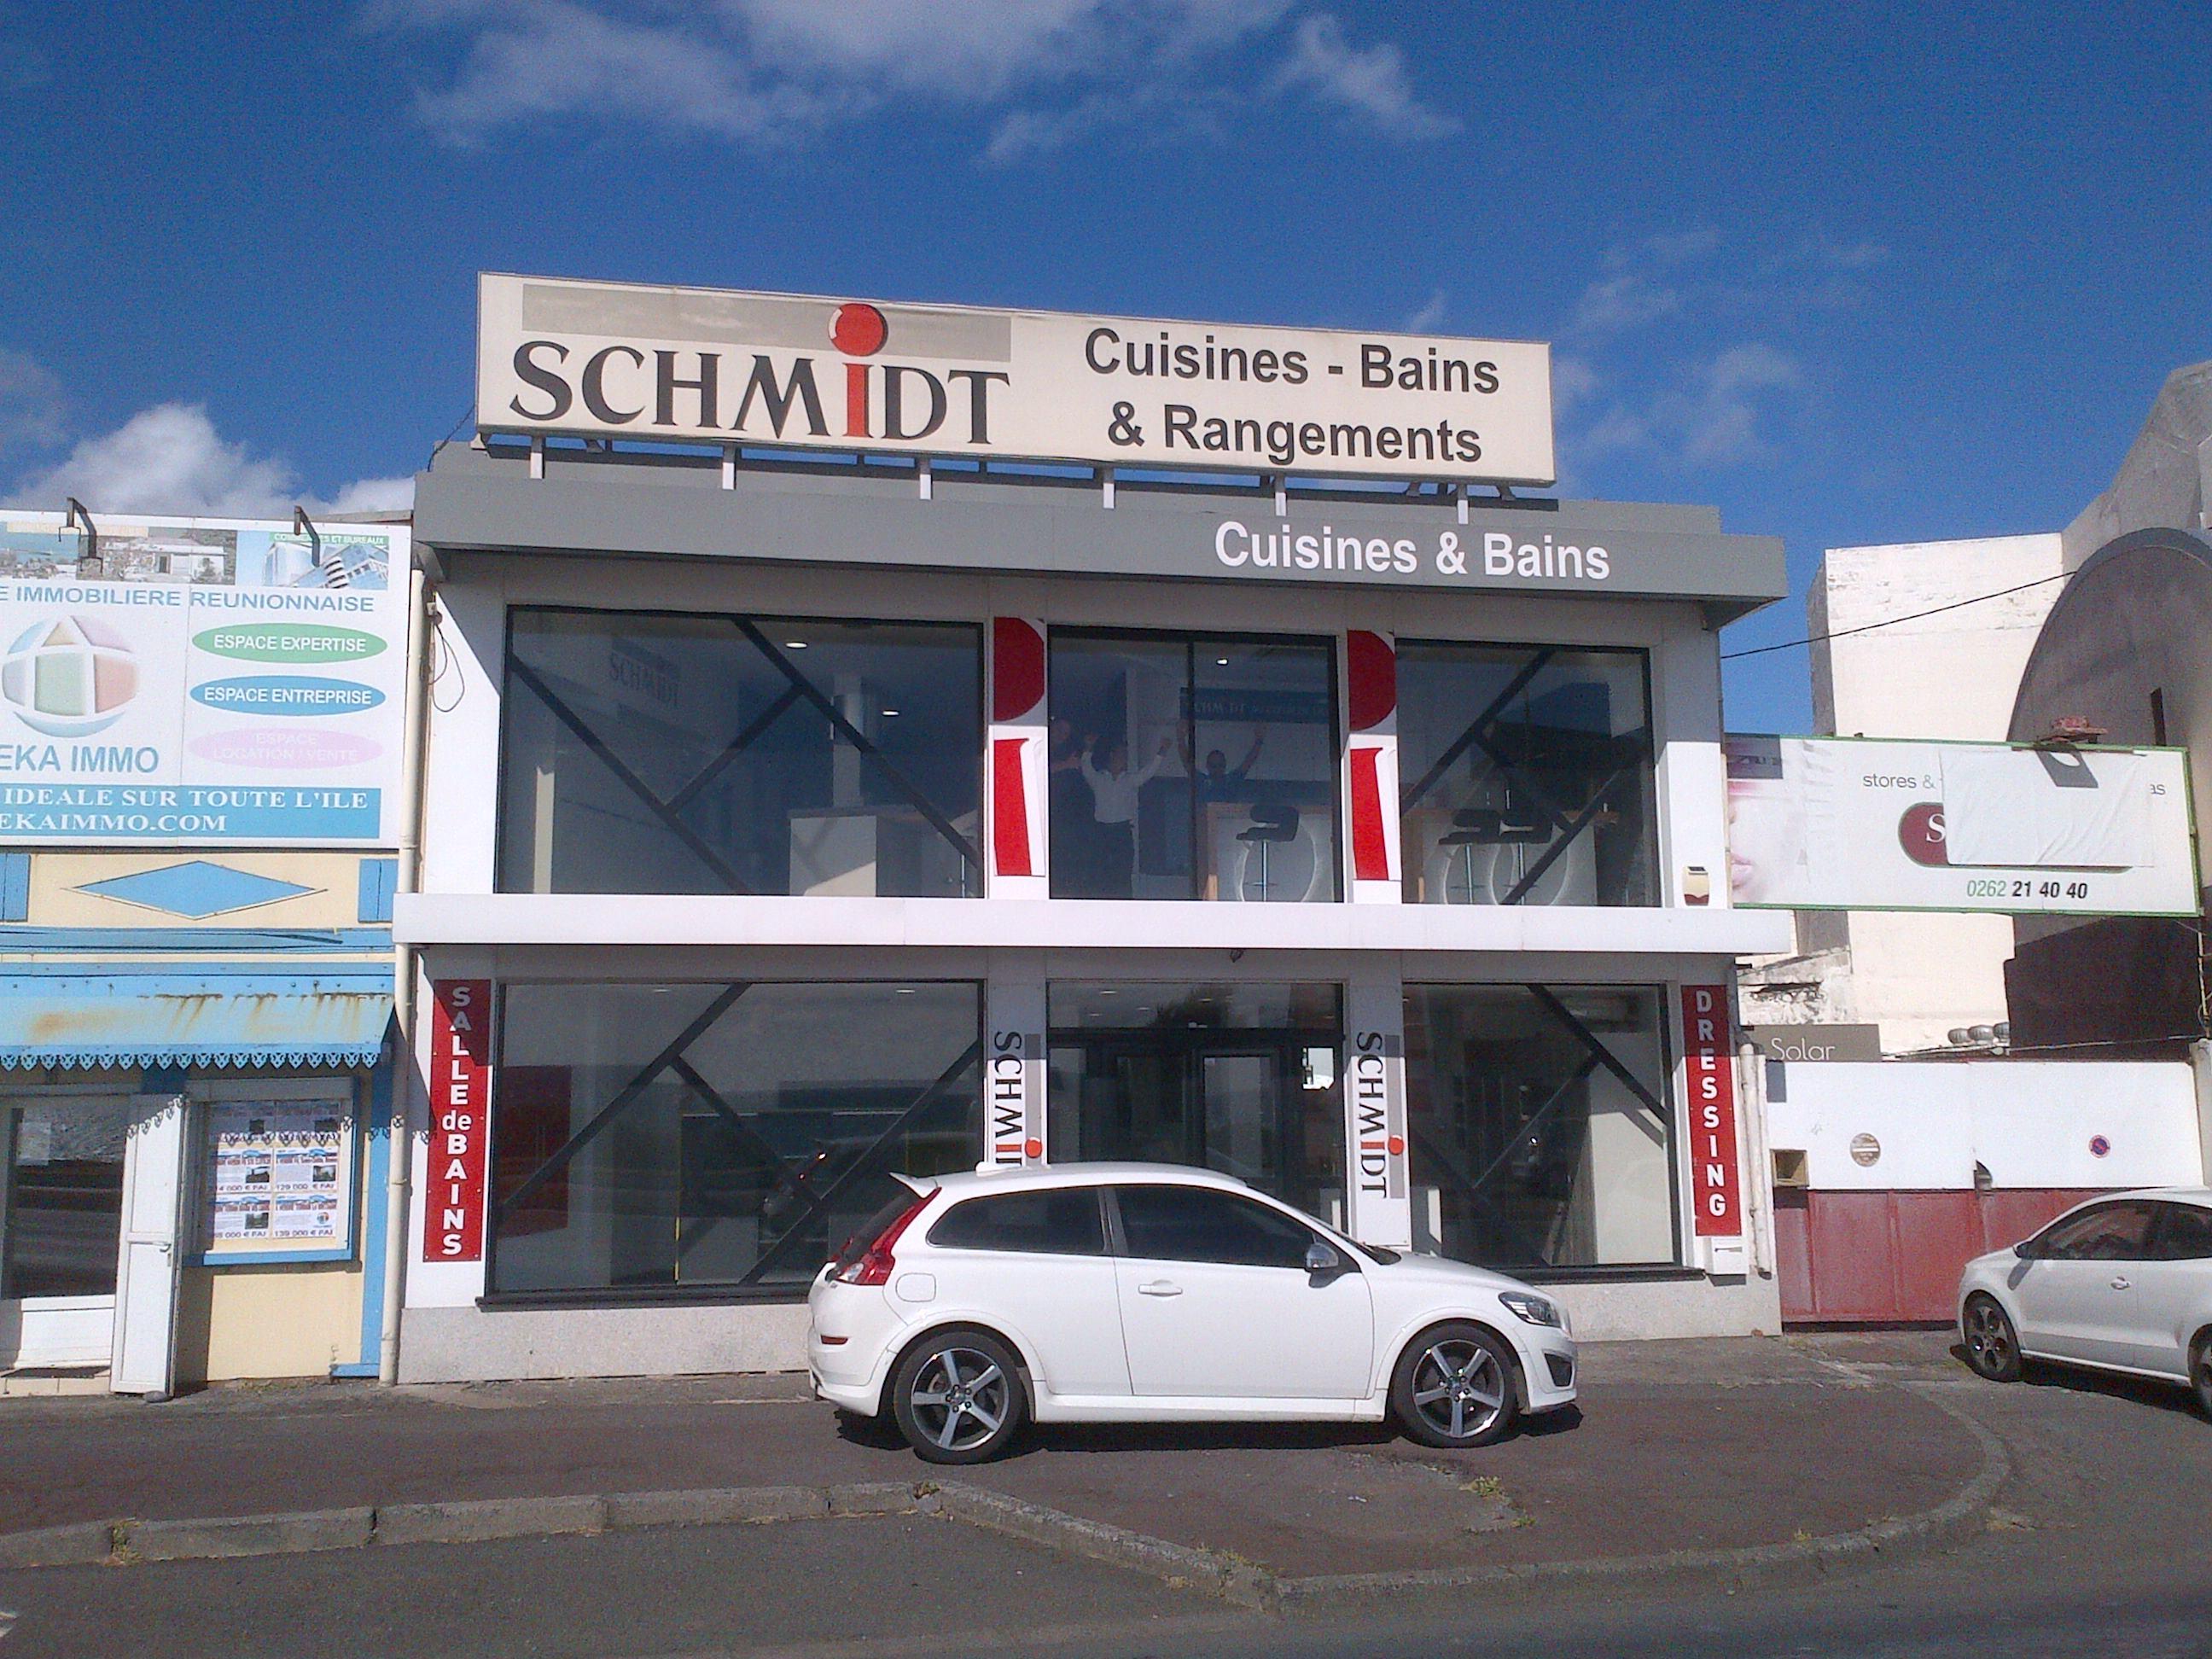 SCHMIDT SAINT-DENIS-DE-LA-REUNION